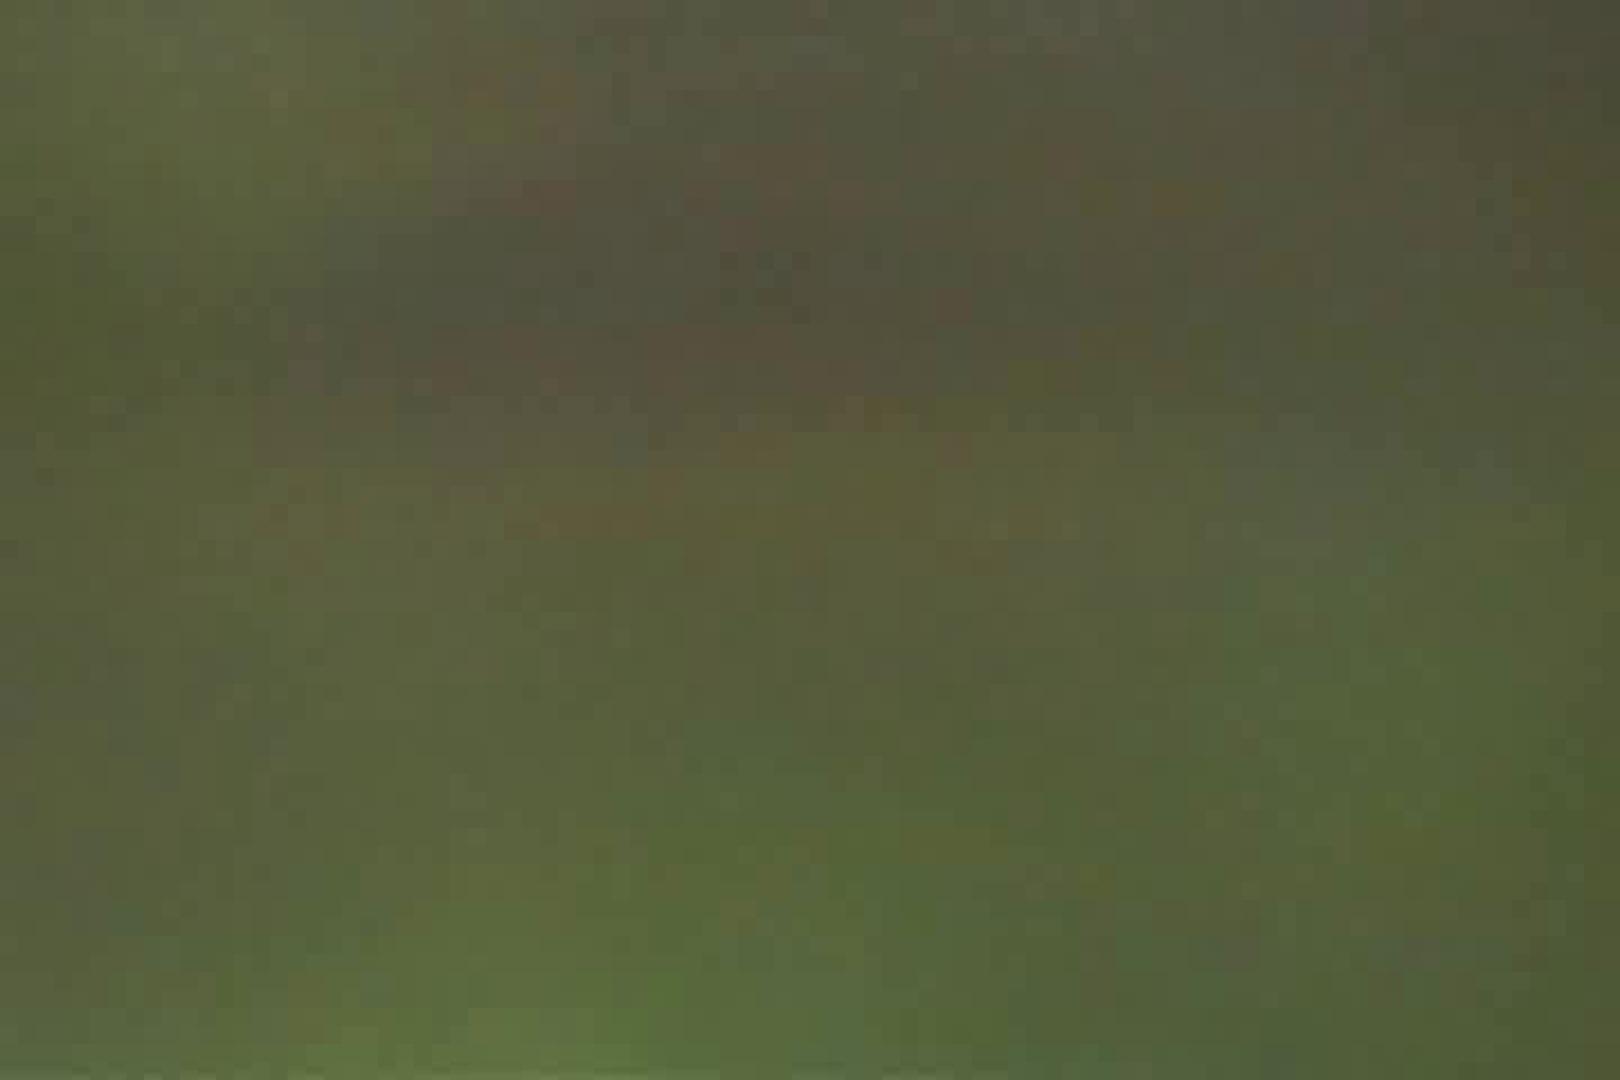 超最新版!春夏秋冬 vol.04 0  98pic 78